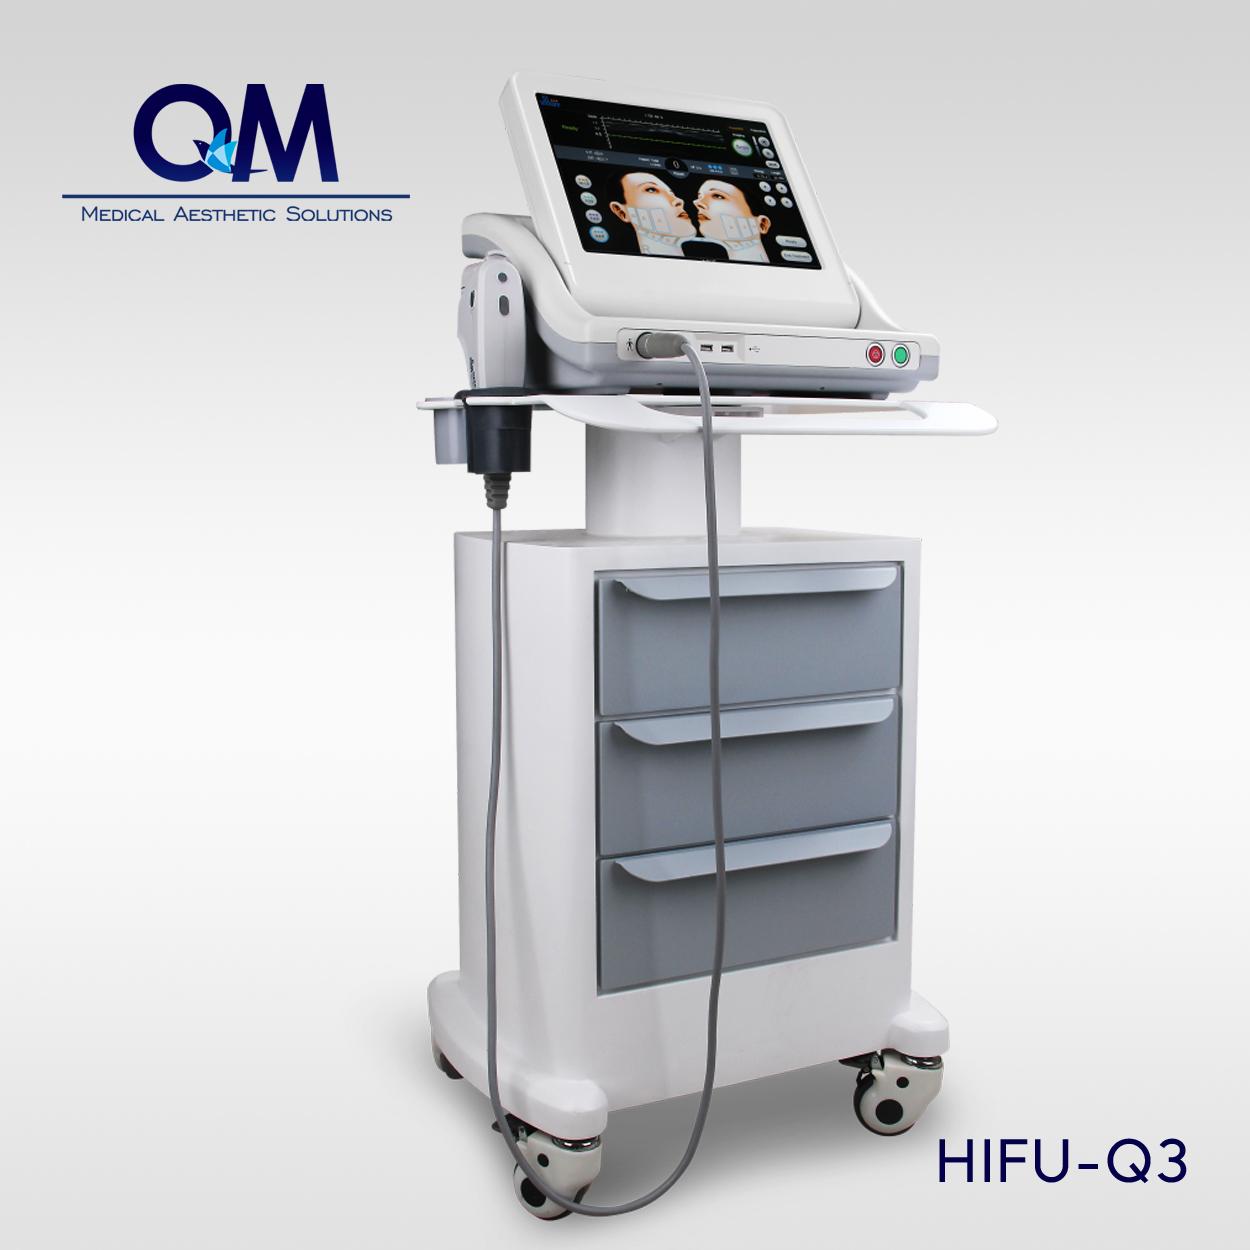 HIFU-Q3